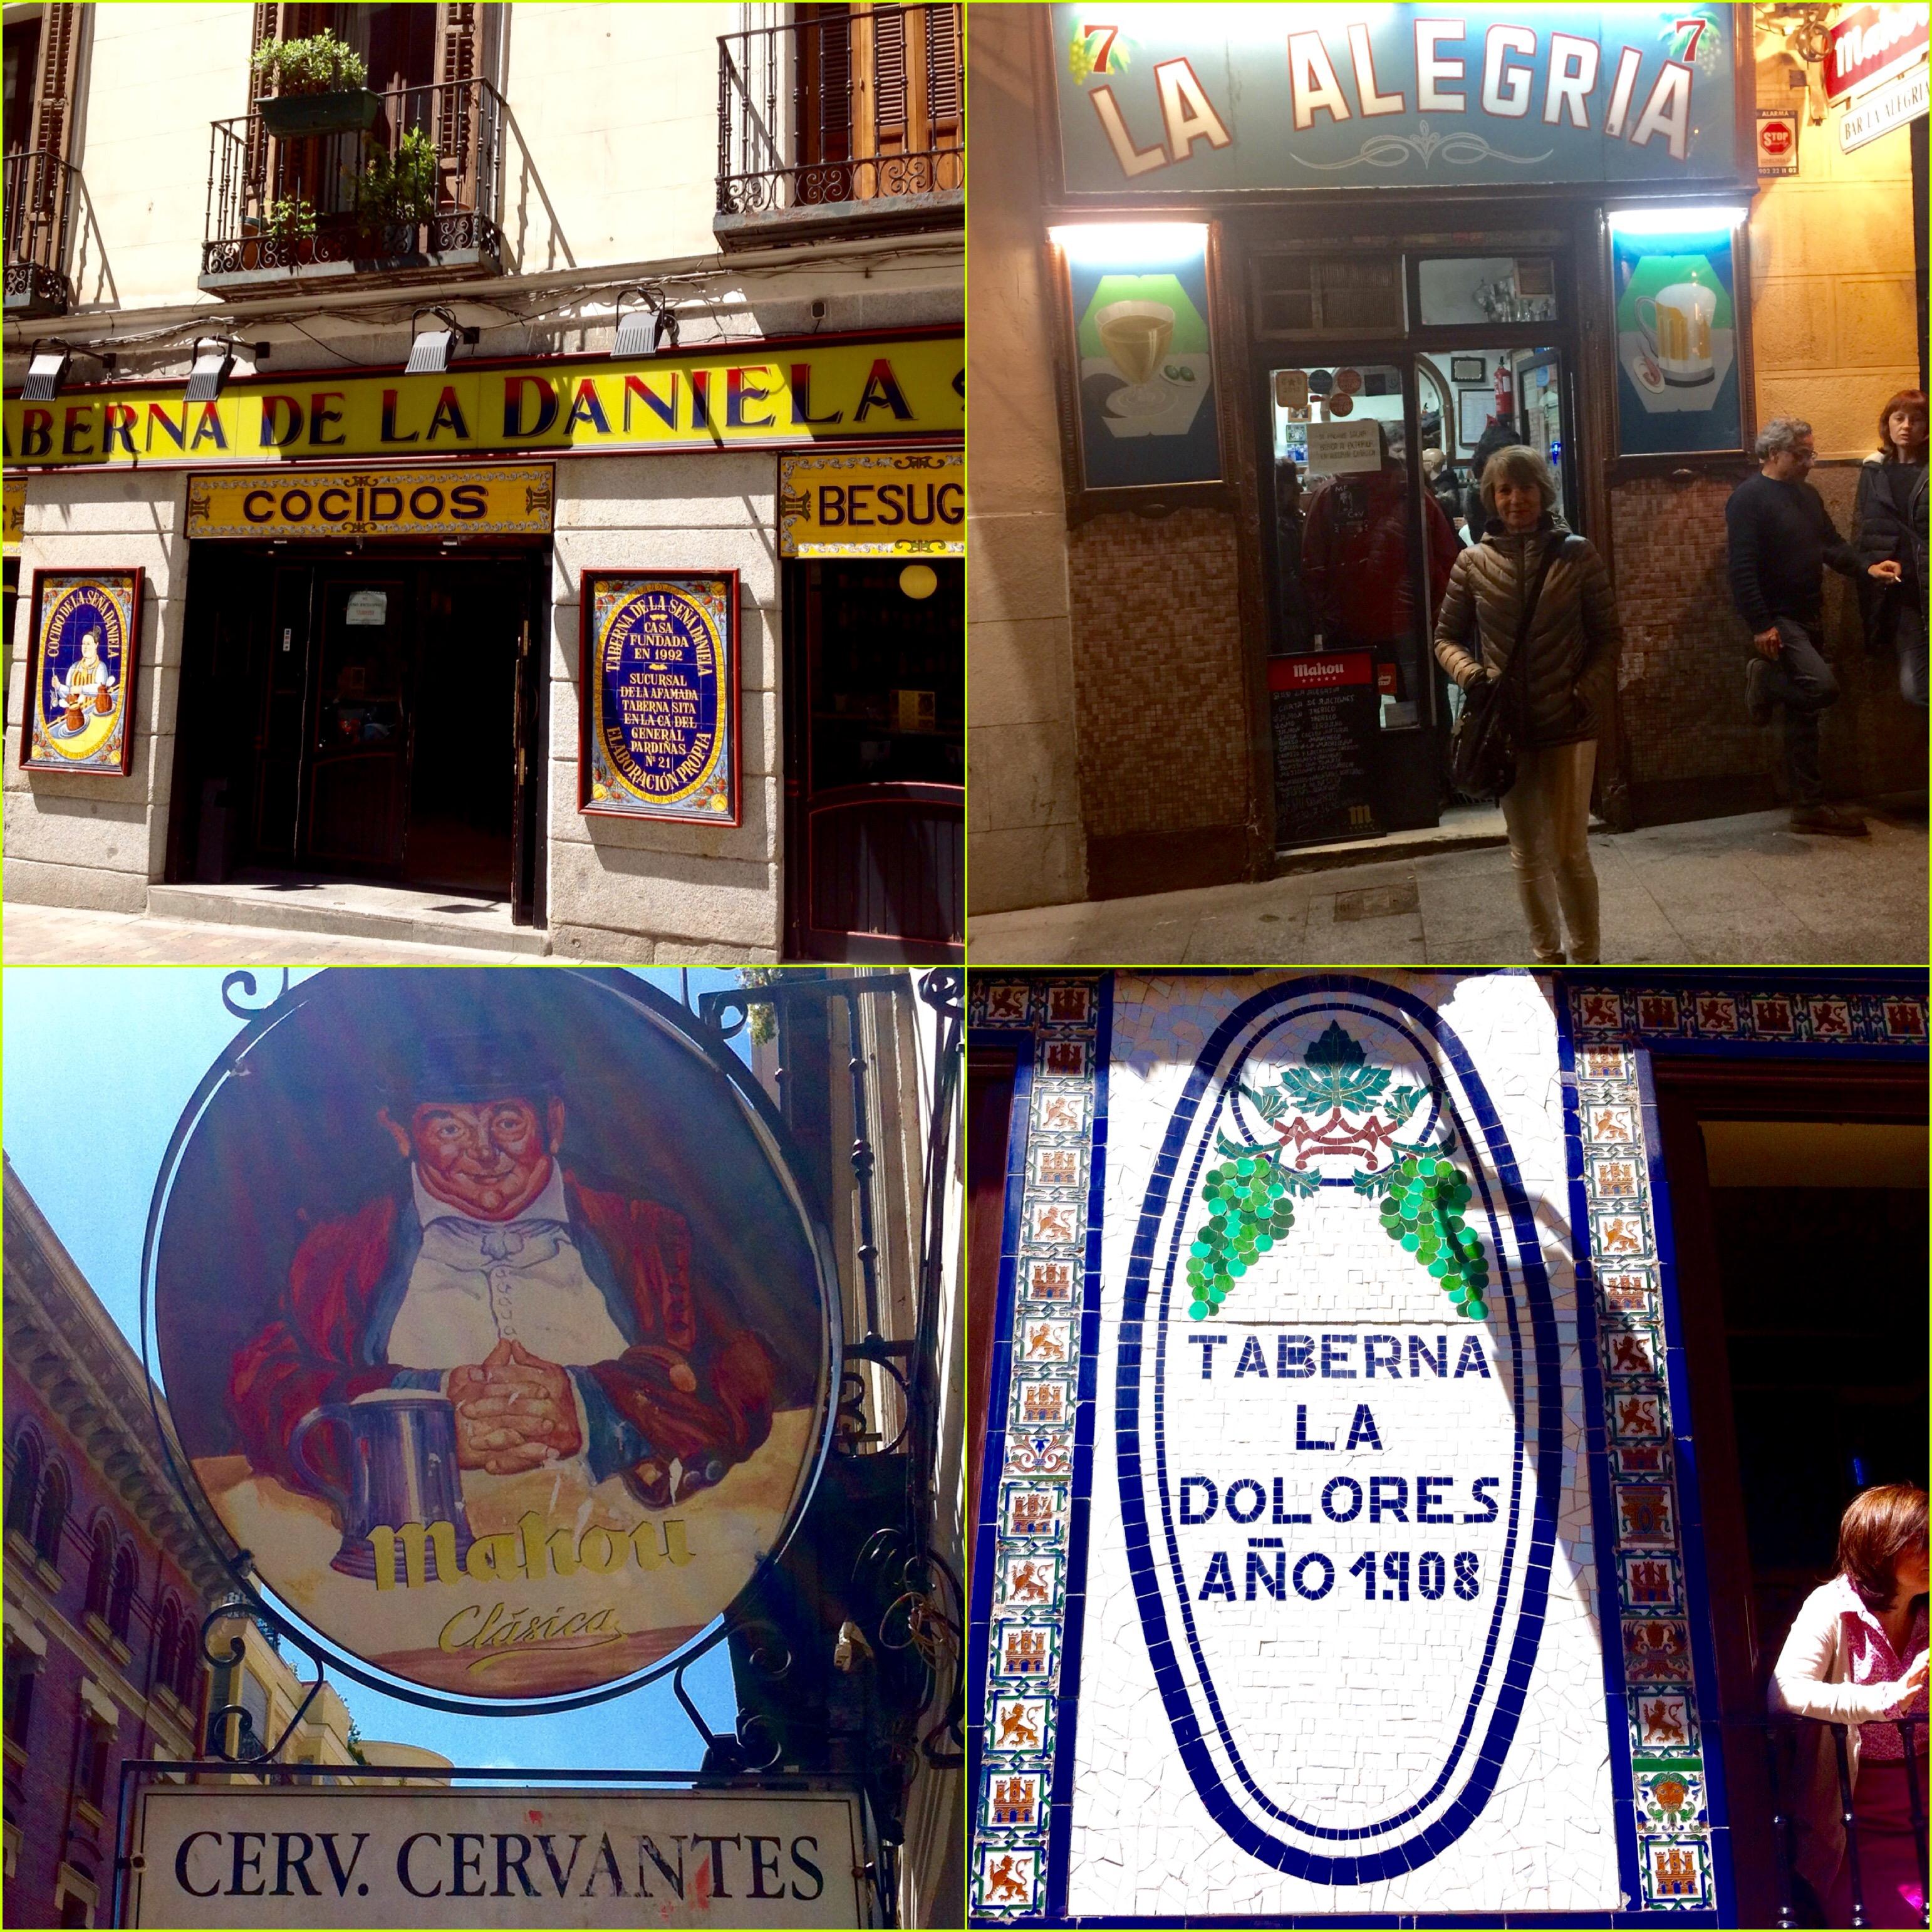 Casas de comidas y tabernas.